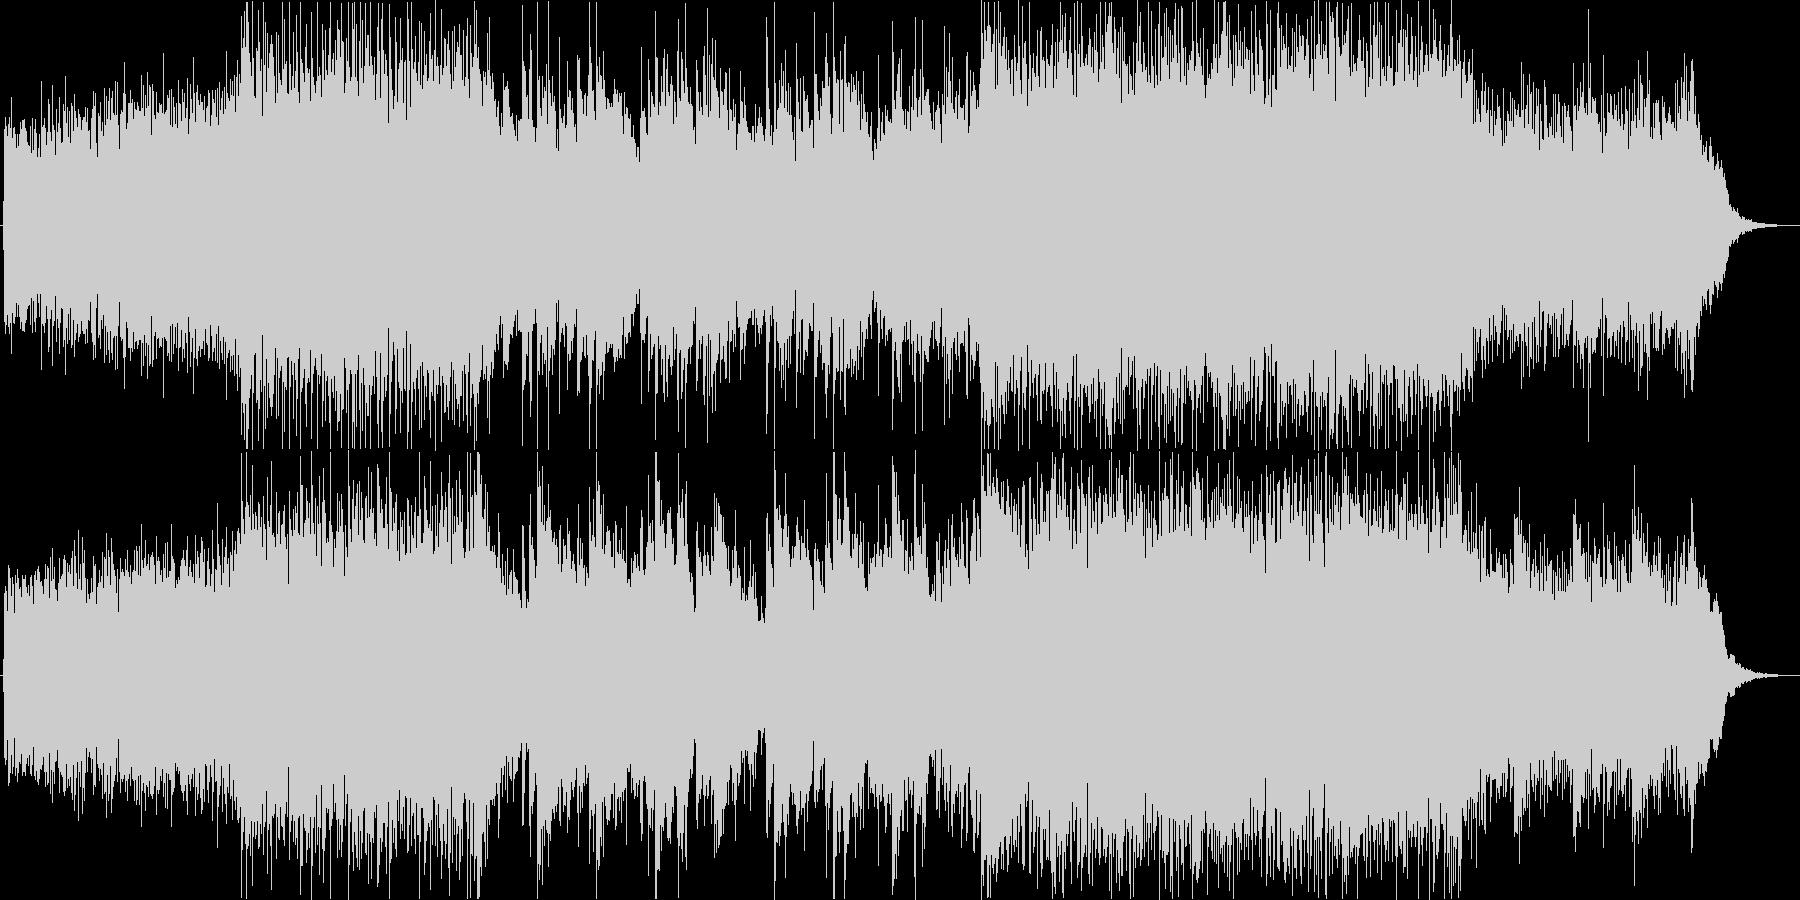 三味線の生演奏!壮大な和風エレクトロニカの未再生の波形